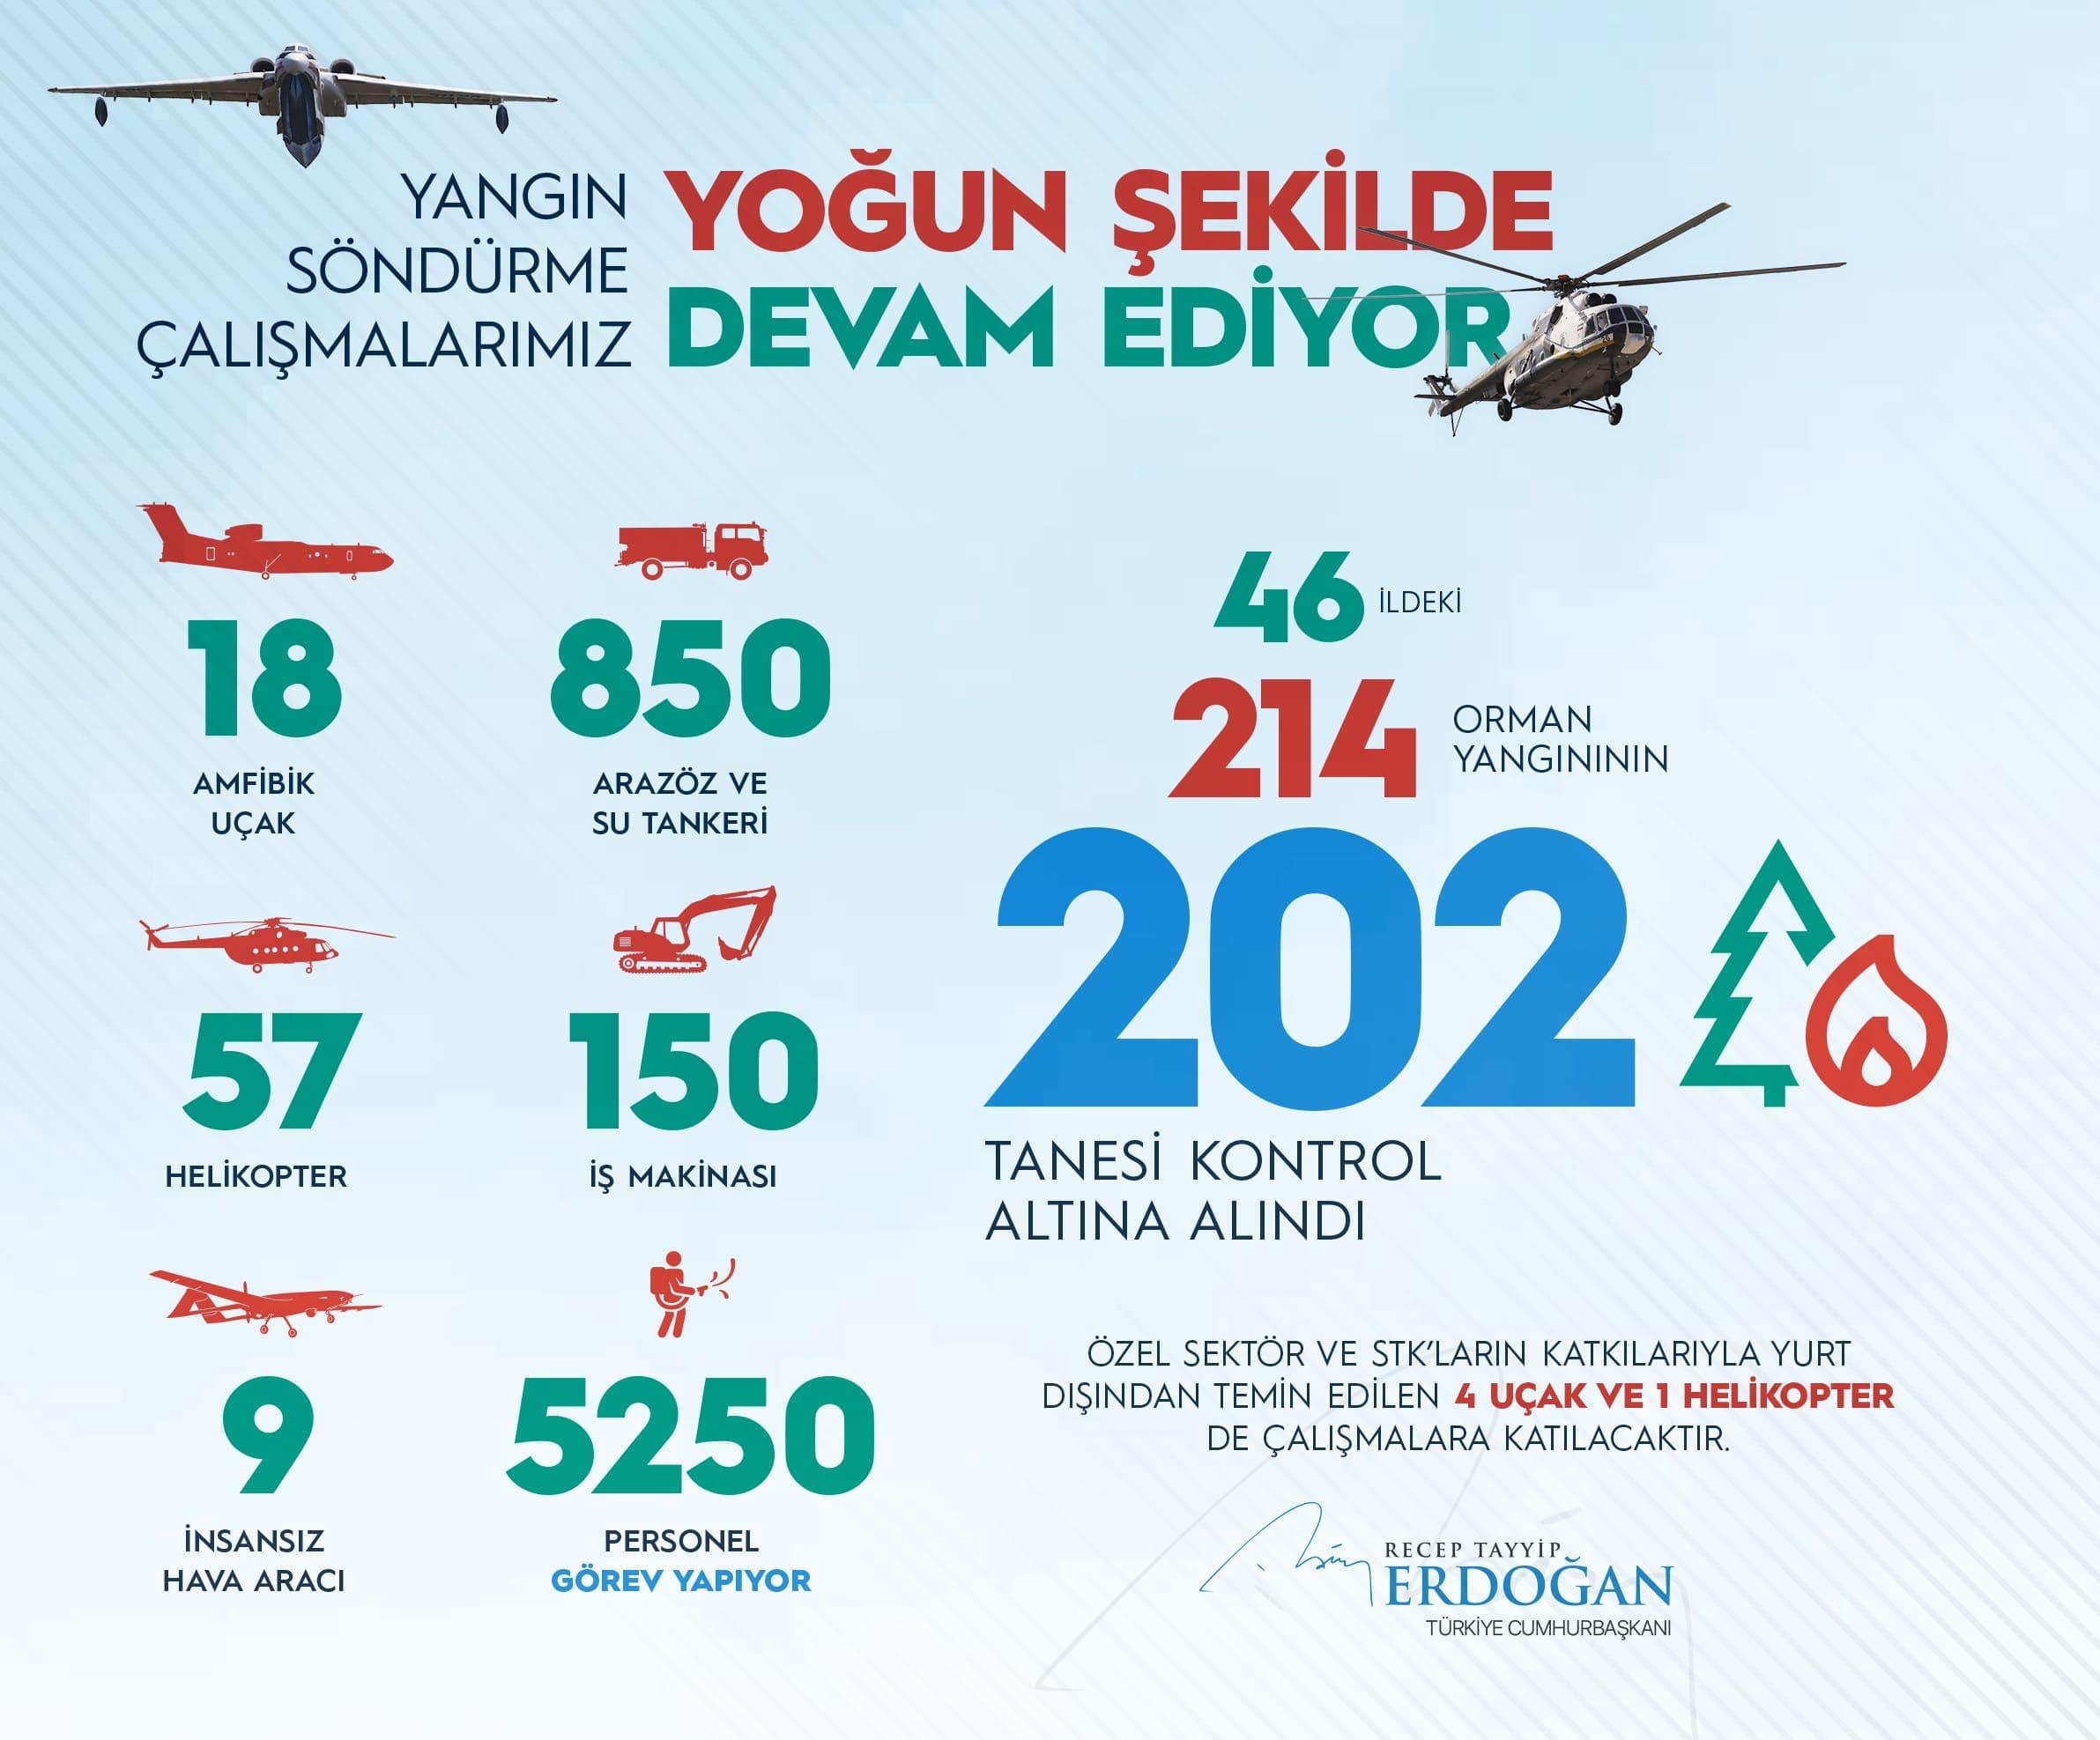 أردوغان يؤكد السيطرة على 202 من حرائق الغابات في تركيا